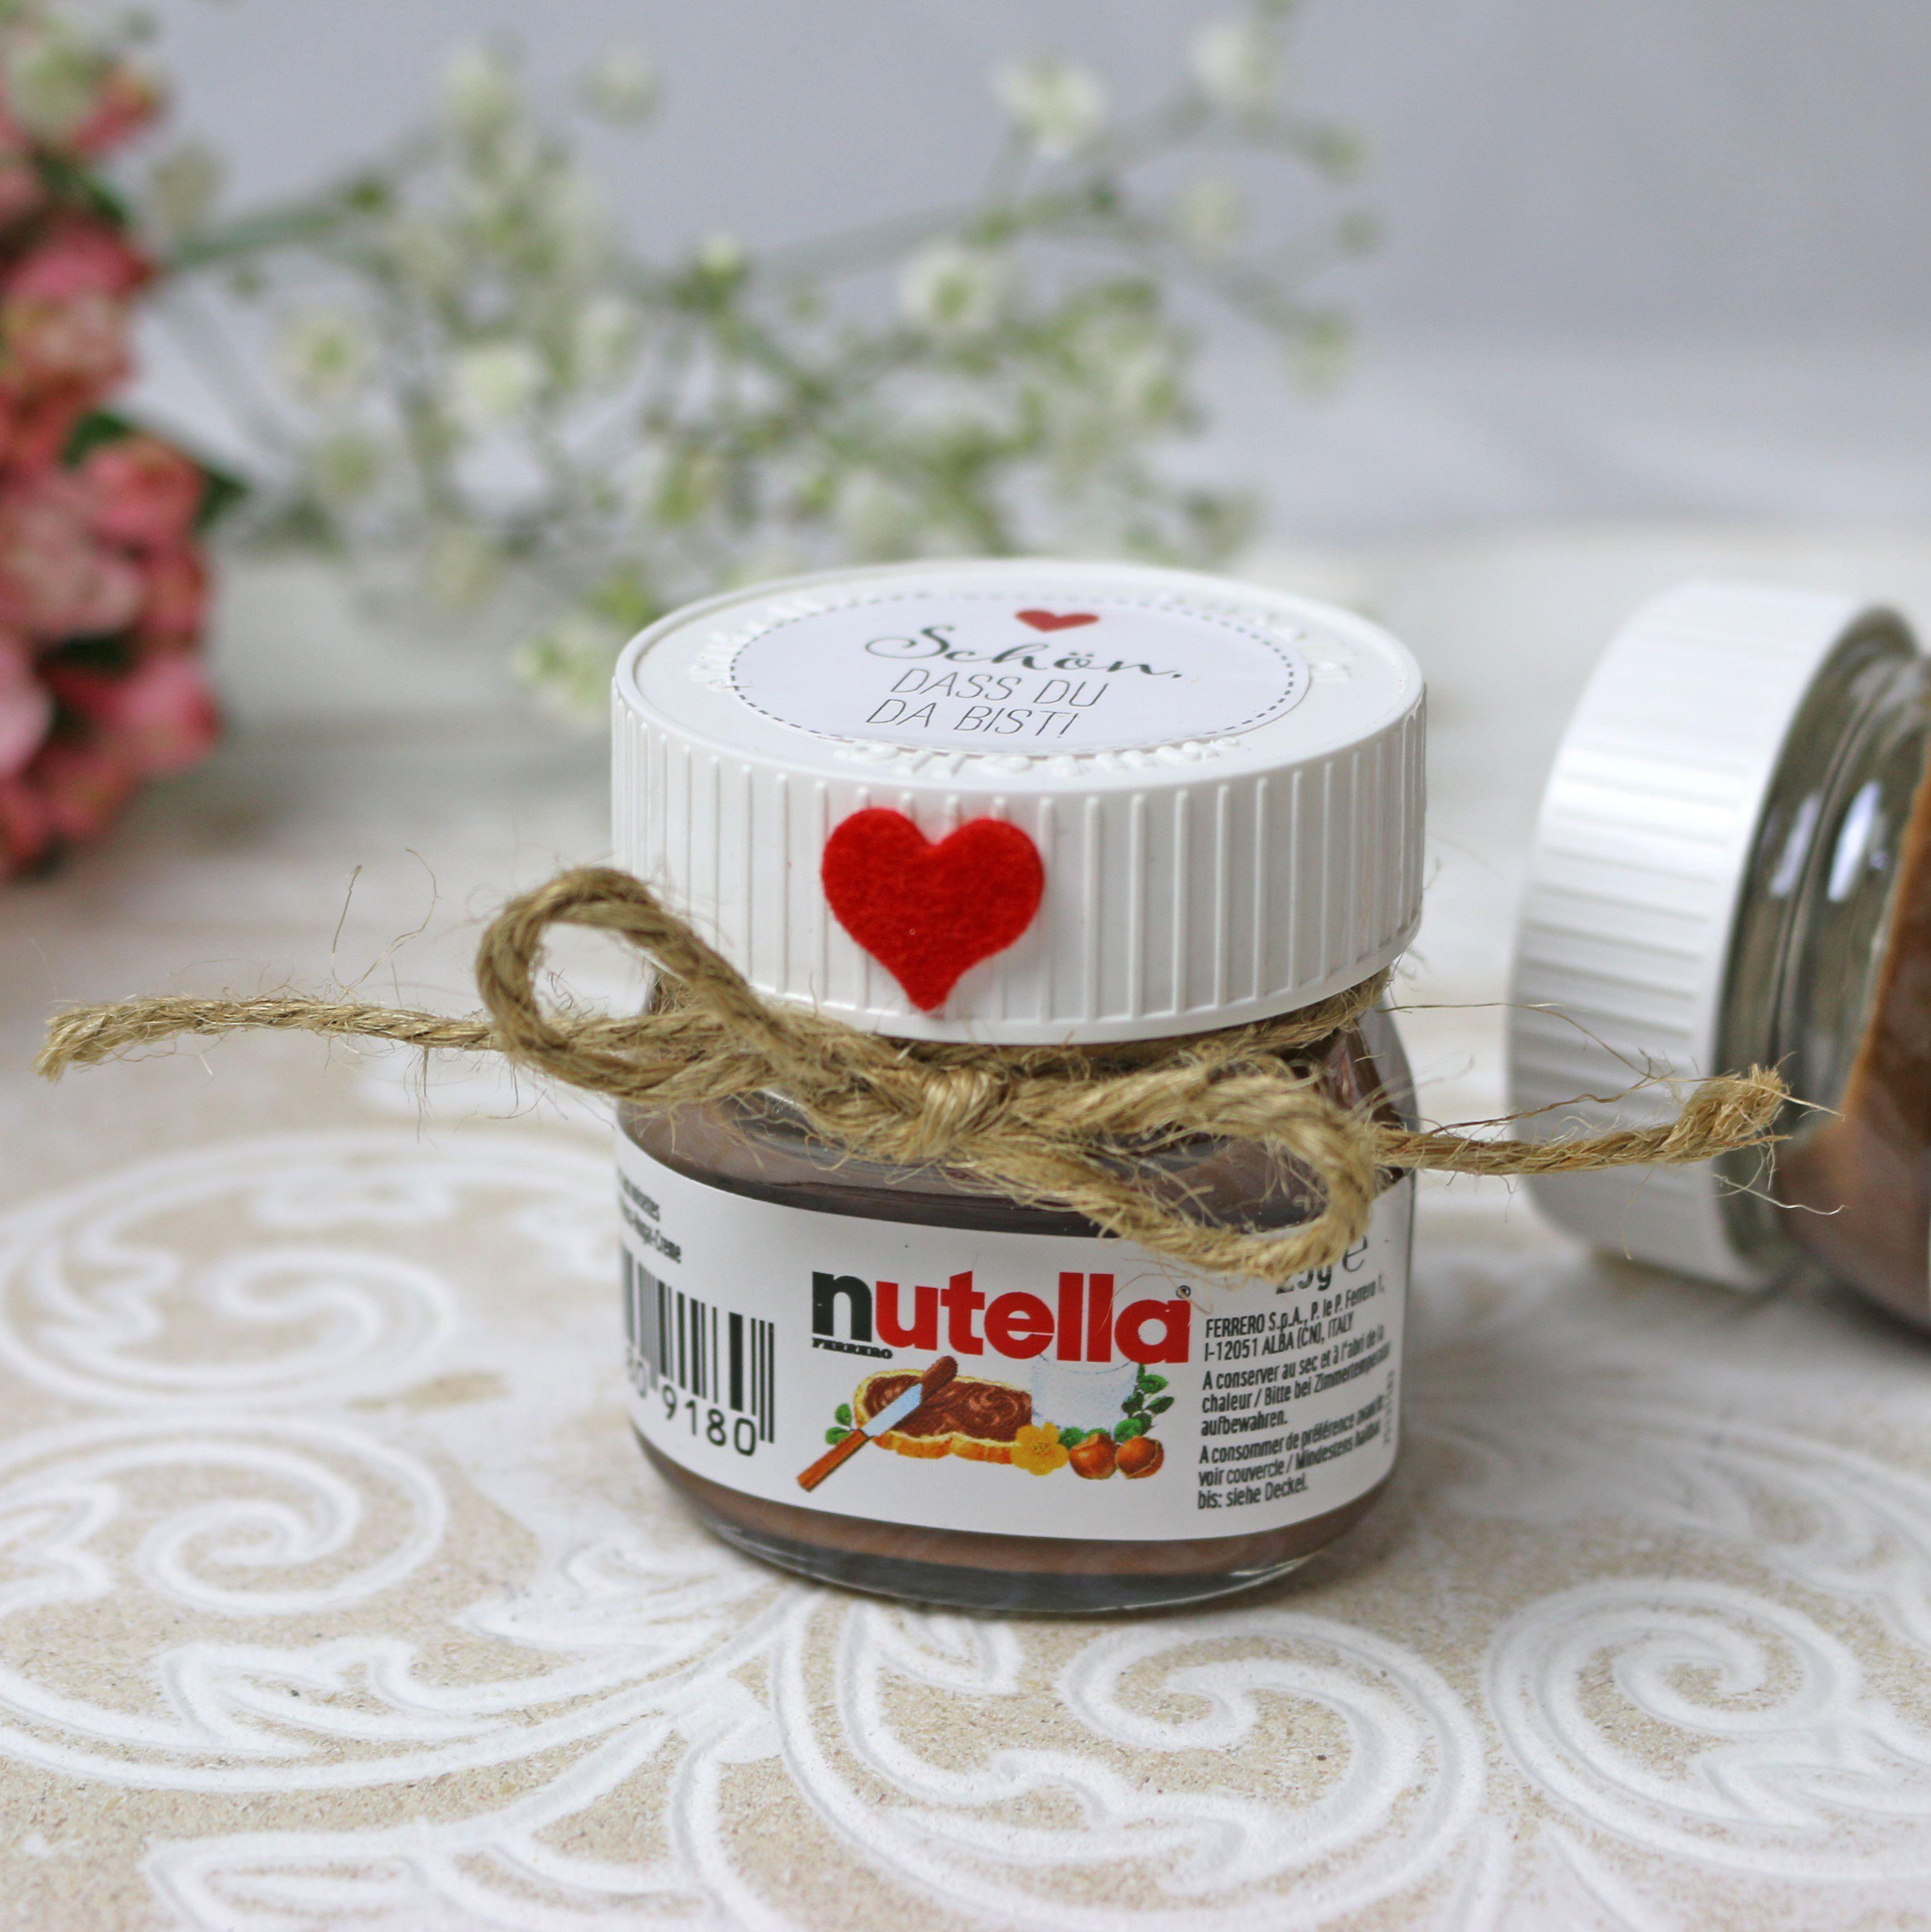 Mini Nutella Als Gastgeschenk Fur Die Hochzeit Wedding Favor Nutella Gastgeschenk Geschenke Gastgeschenke Nutella Mini